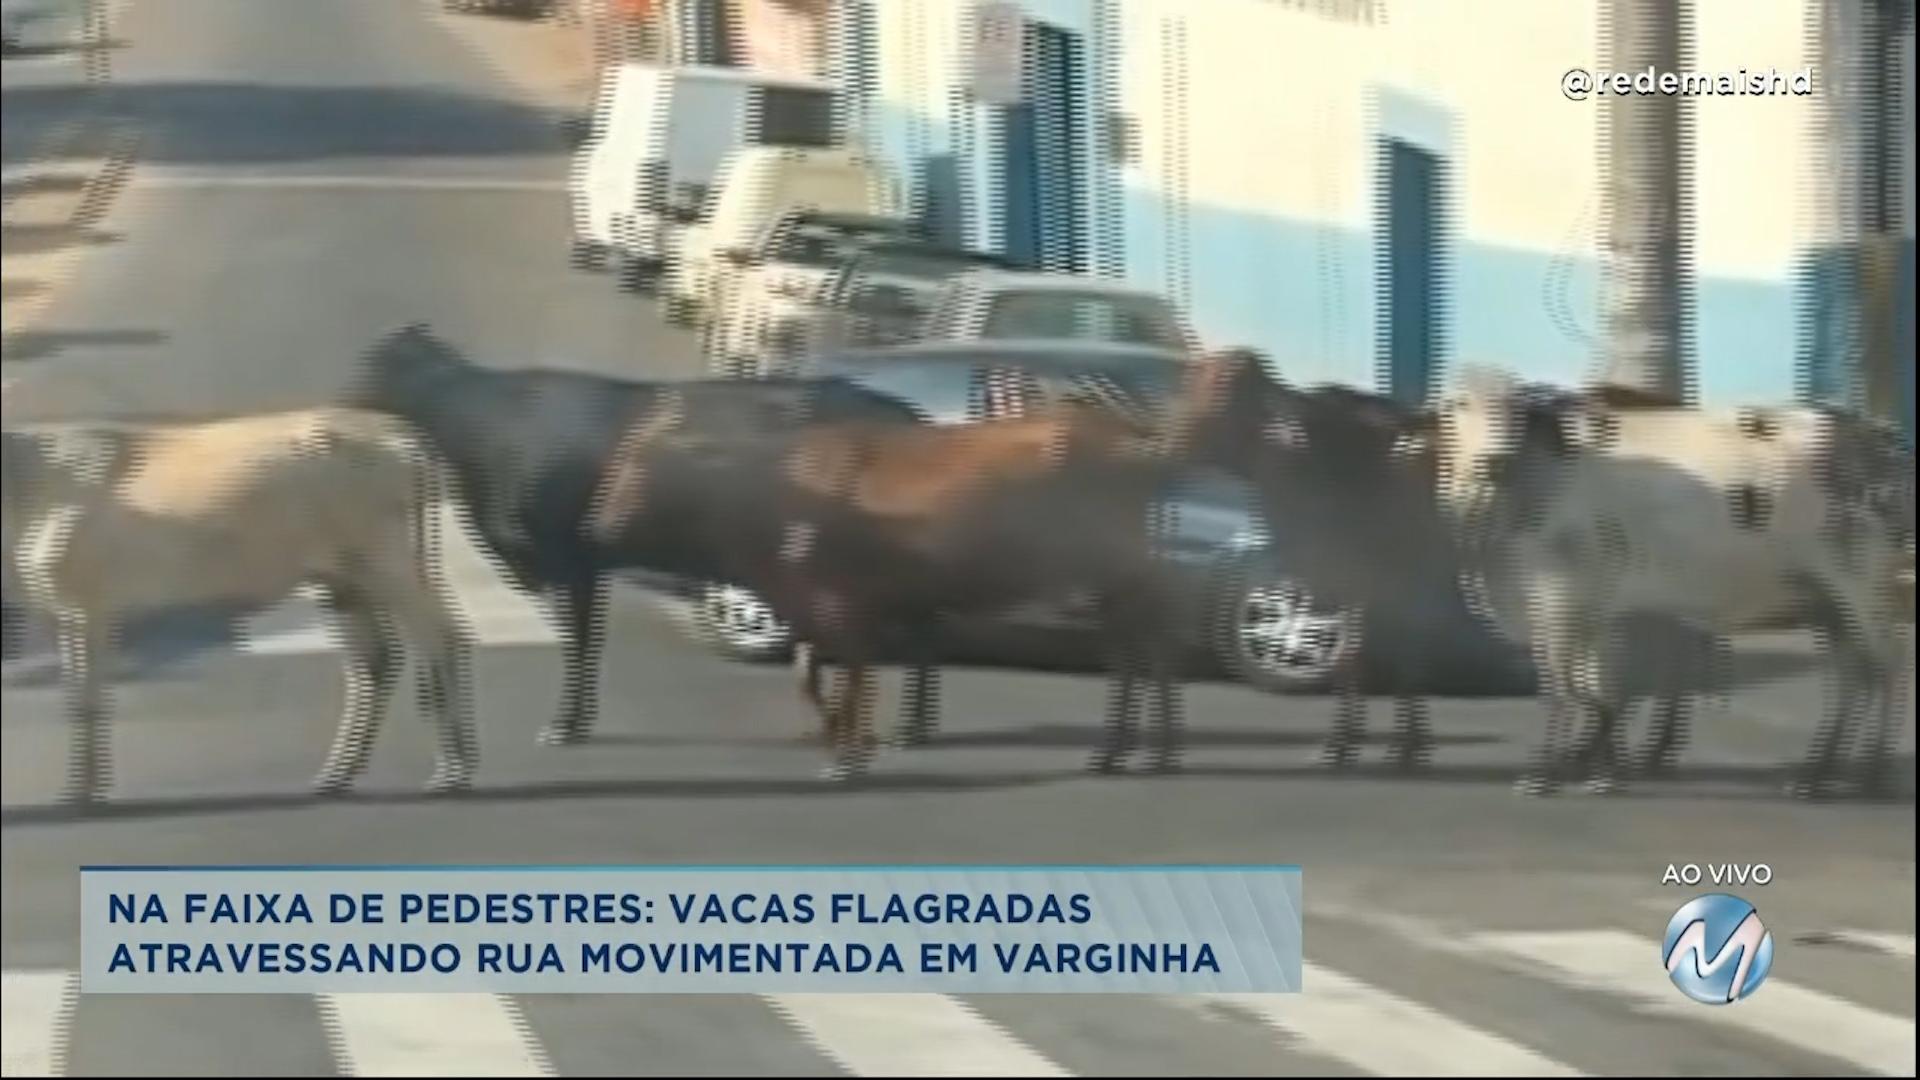 vacas são flagradas atravessando rua movimentada em Varginha